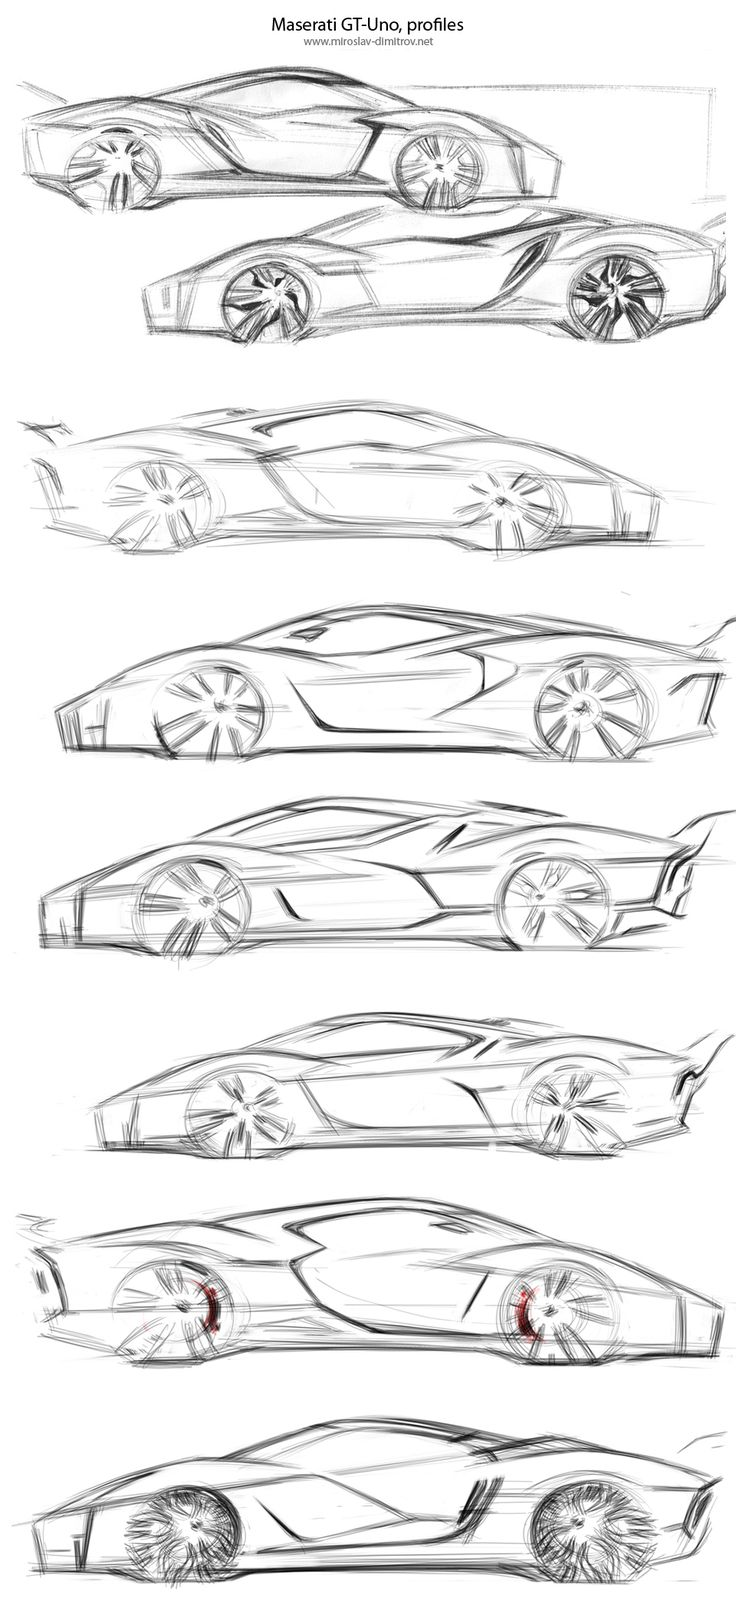 Maserati GT-Uno sides                                                                                                                                                     もっと見る